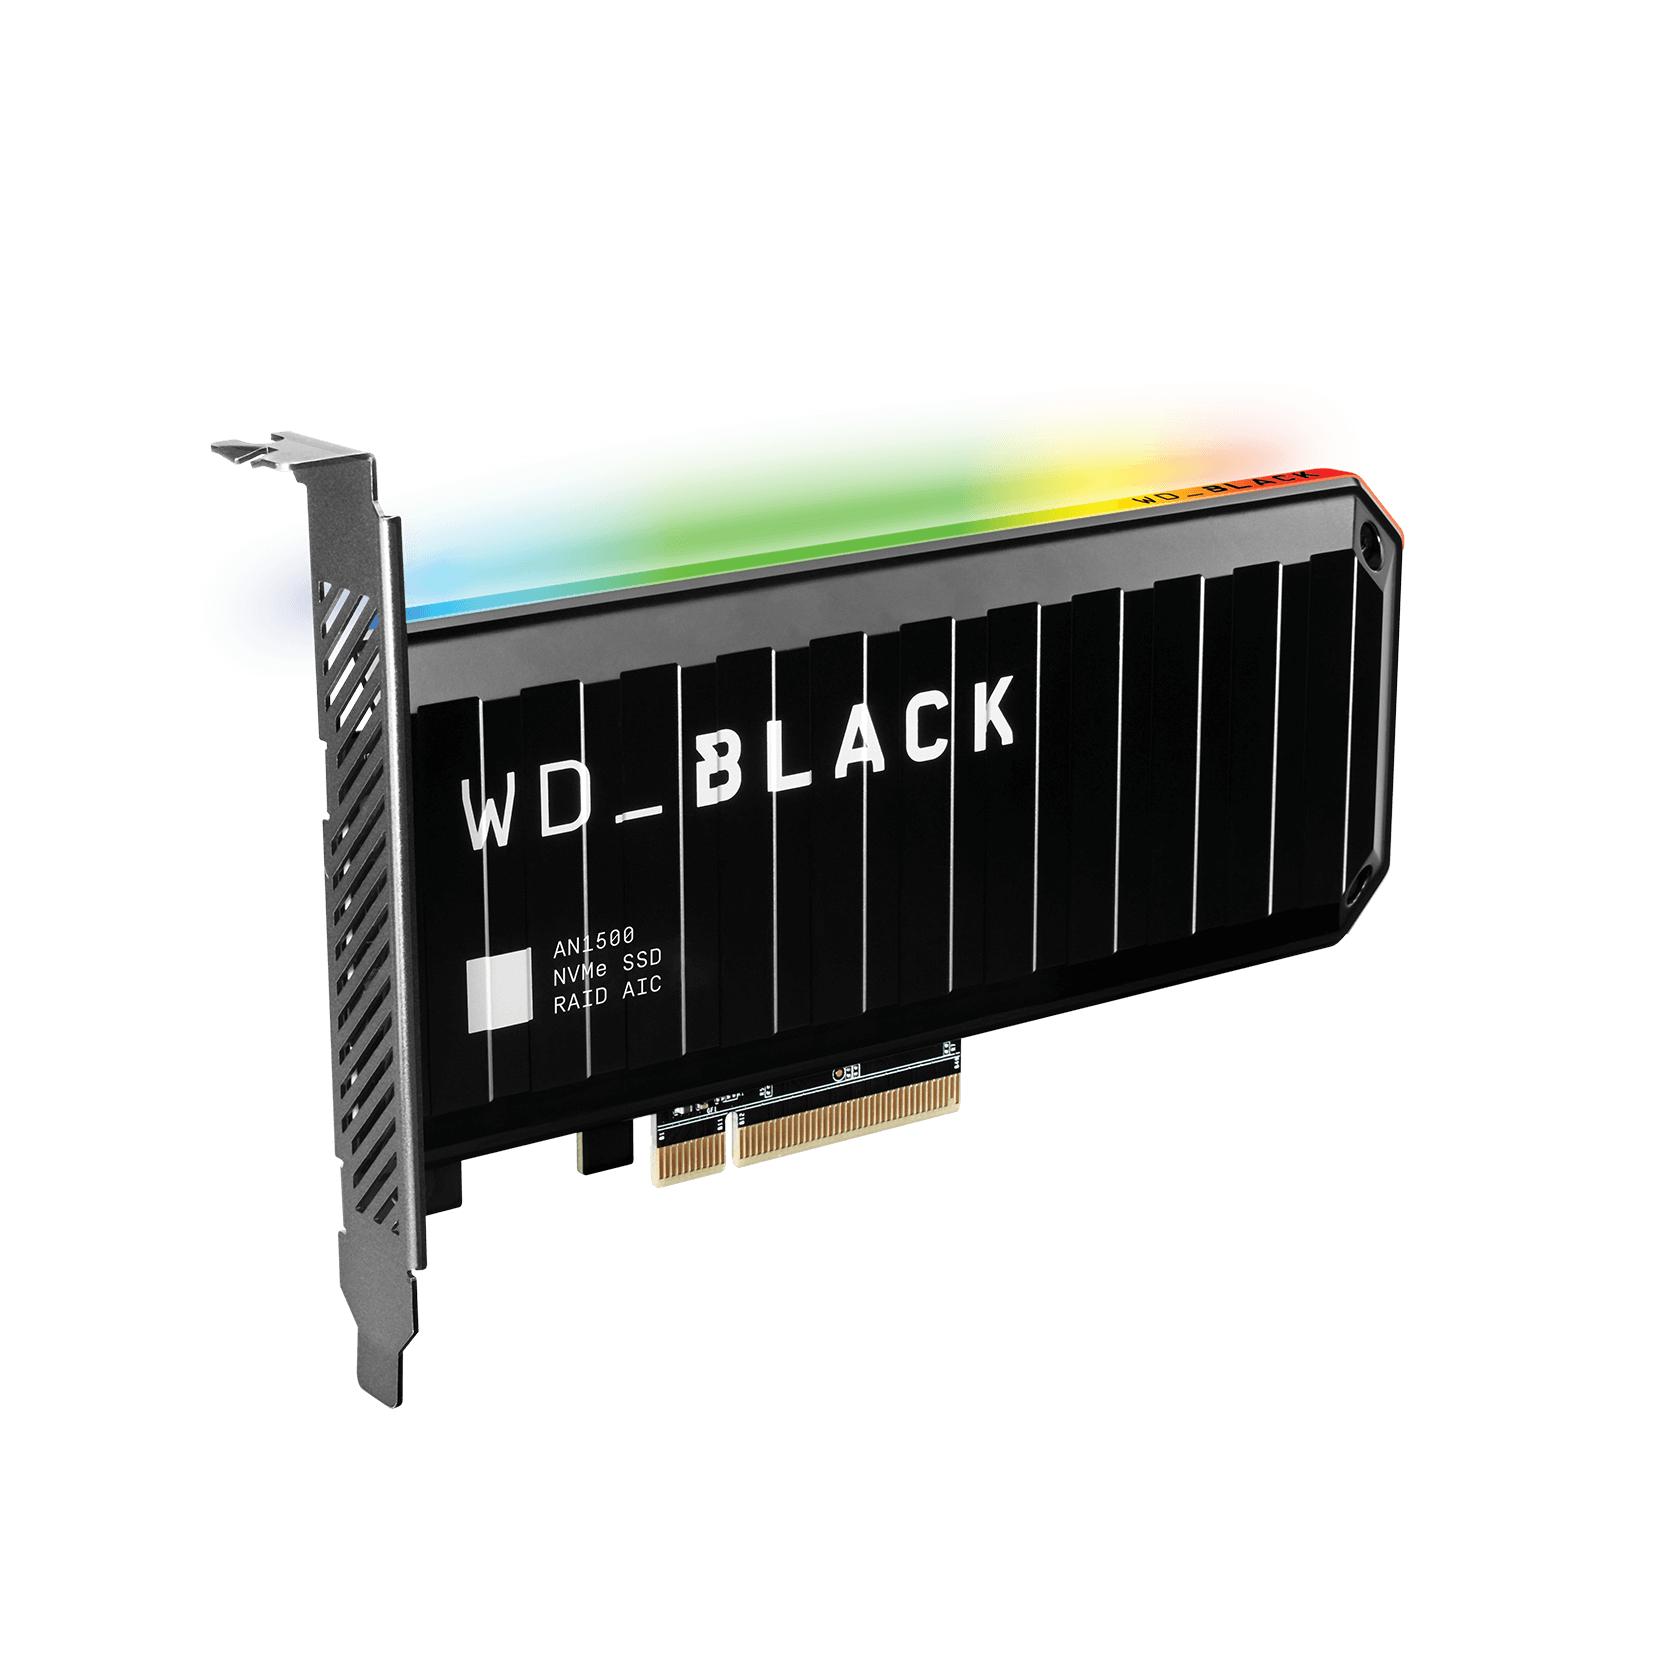 Western Digital WD_BLACK AN1500, 2TB, PCIe 3.0 x8